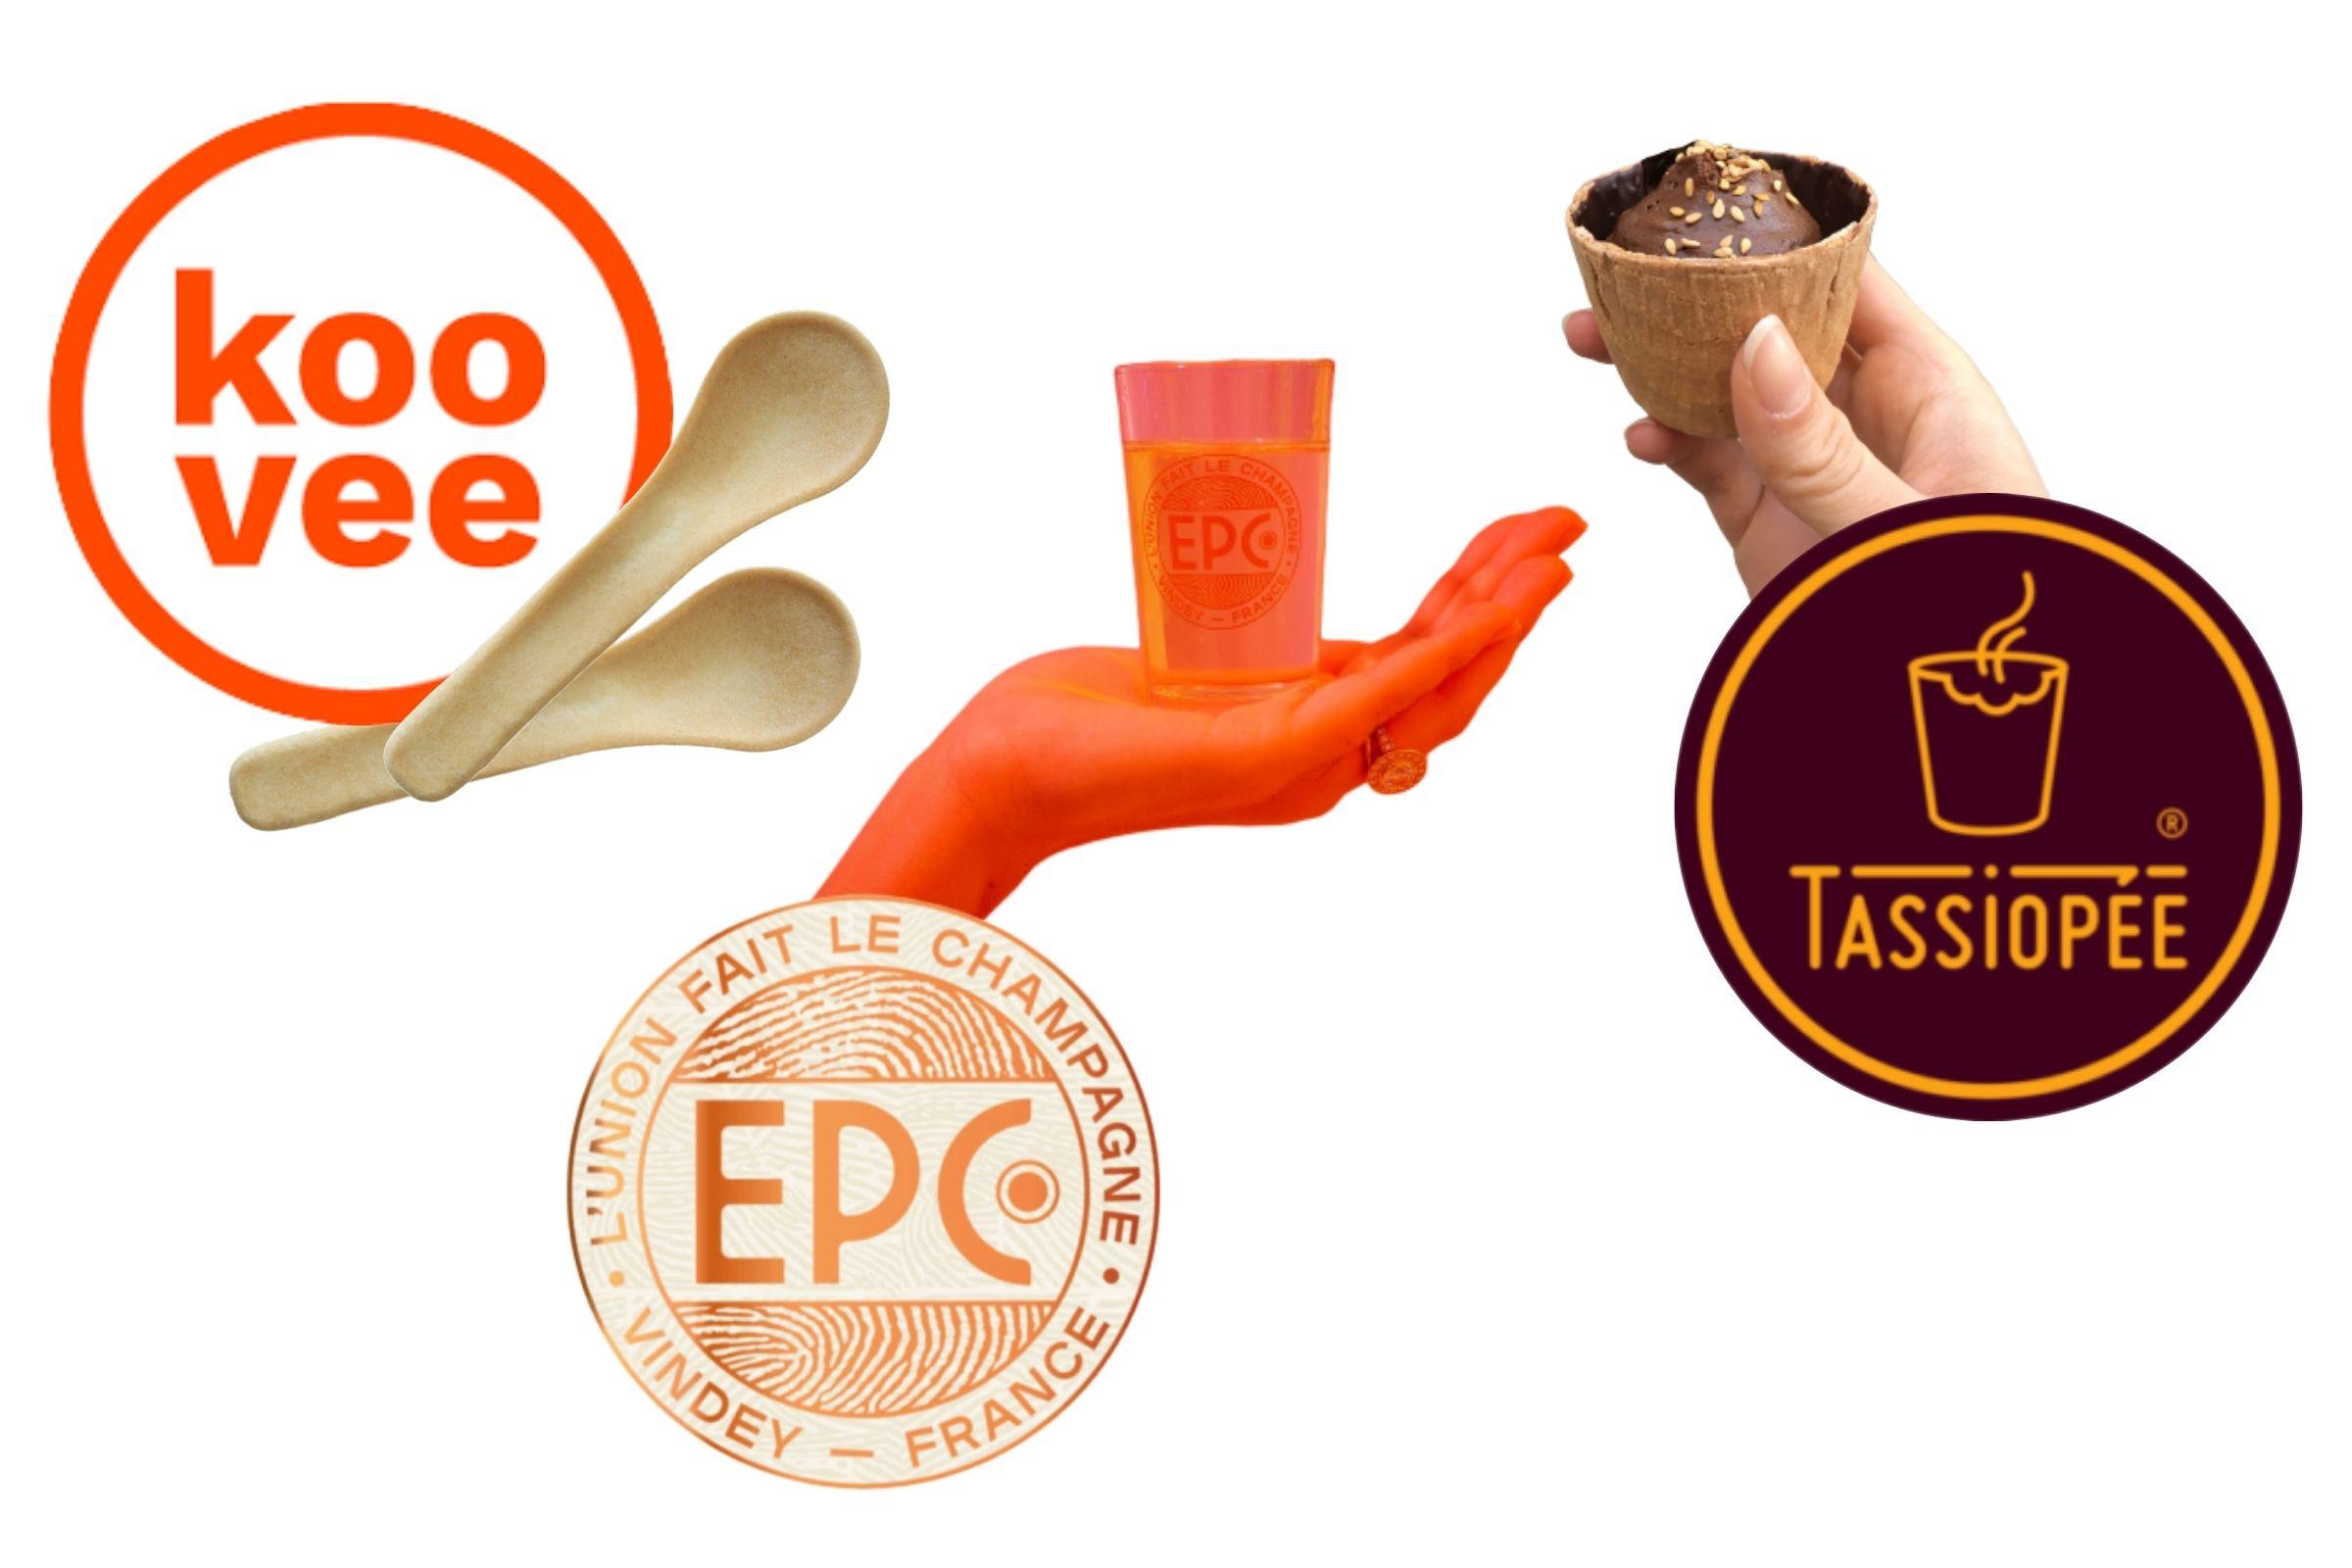 partenaires événementiels eco-responsables chefing